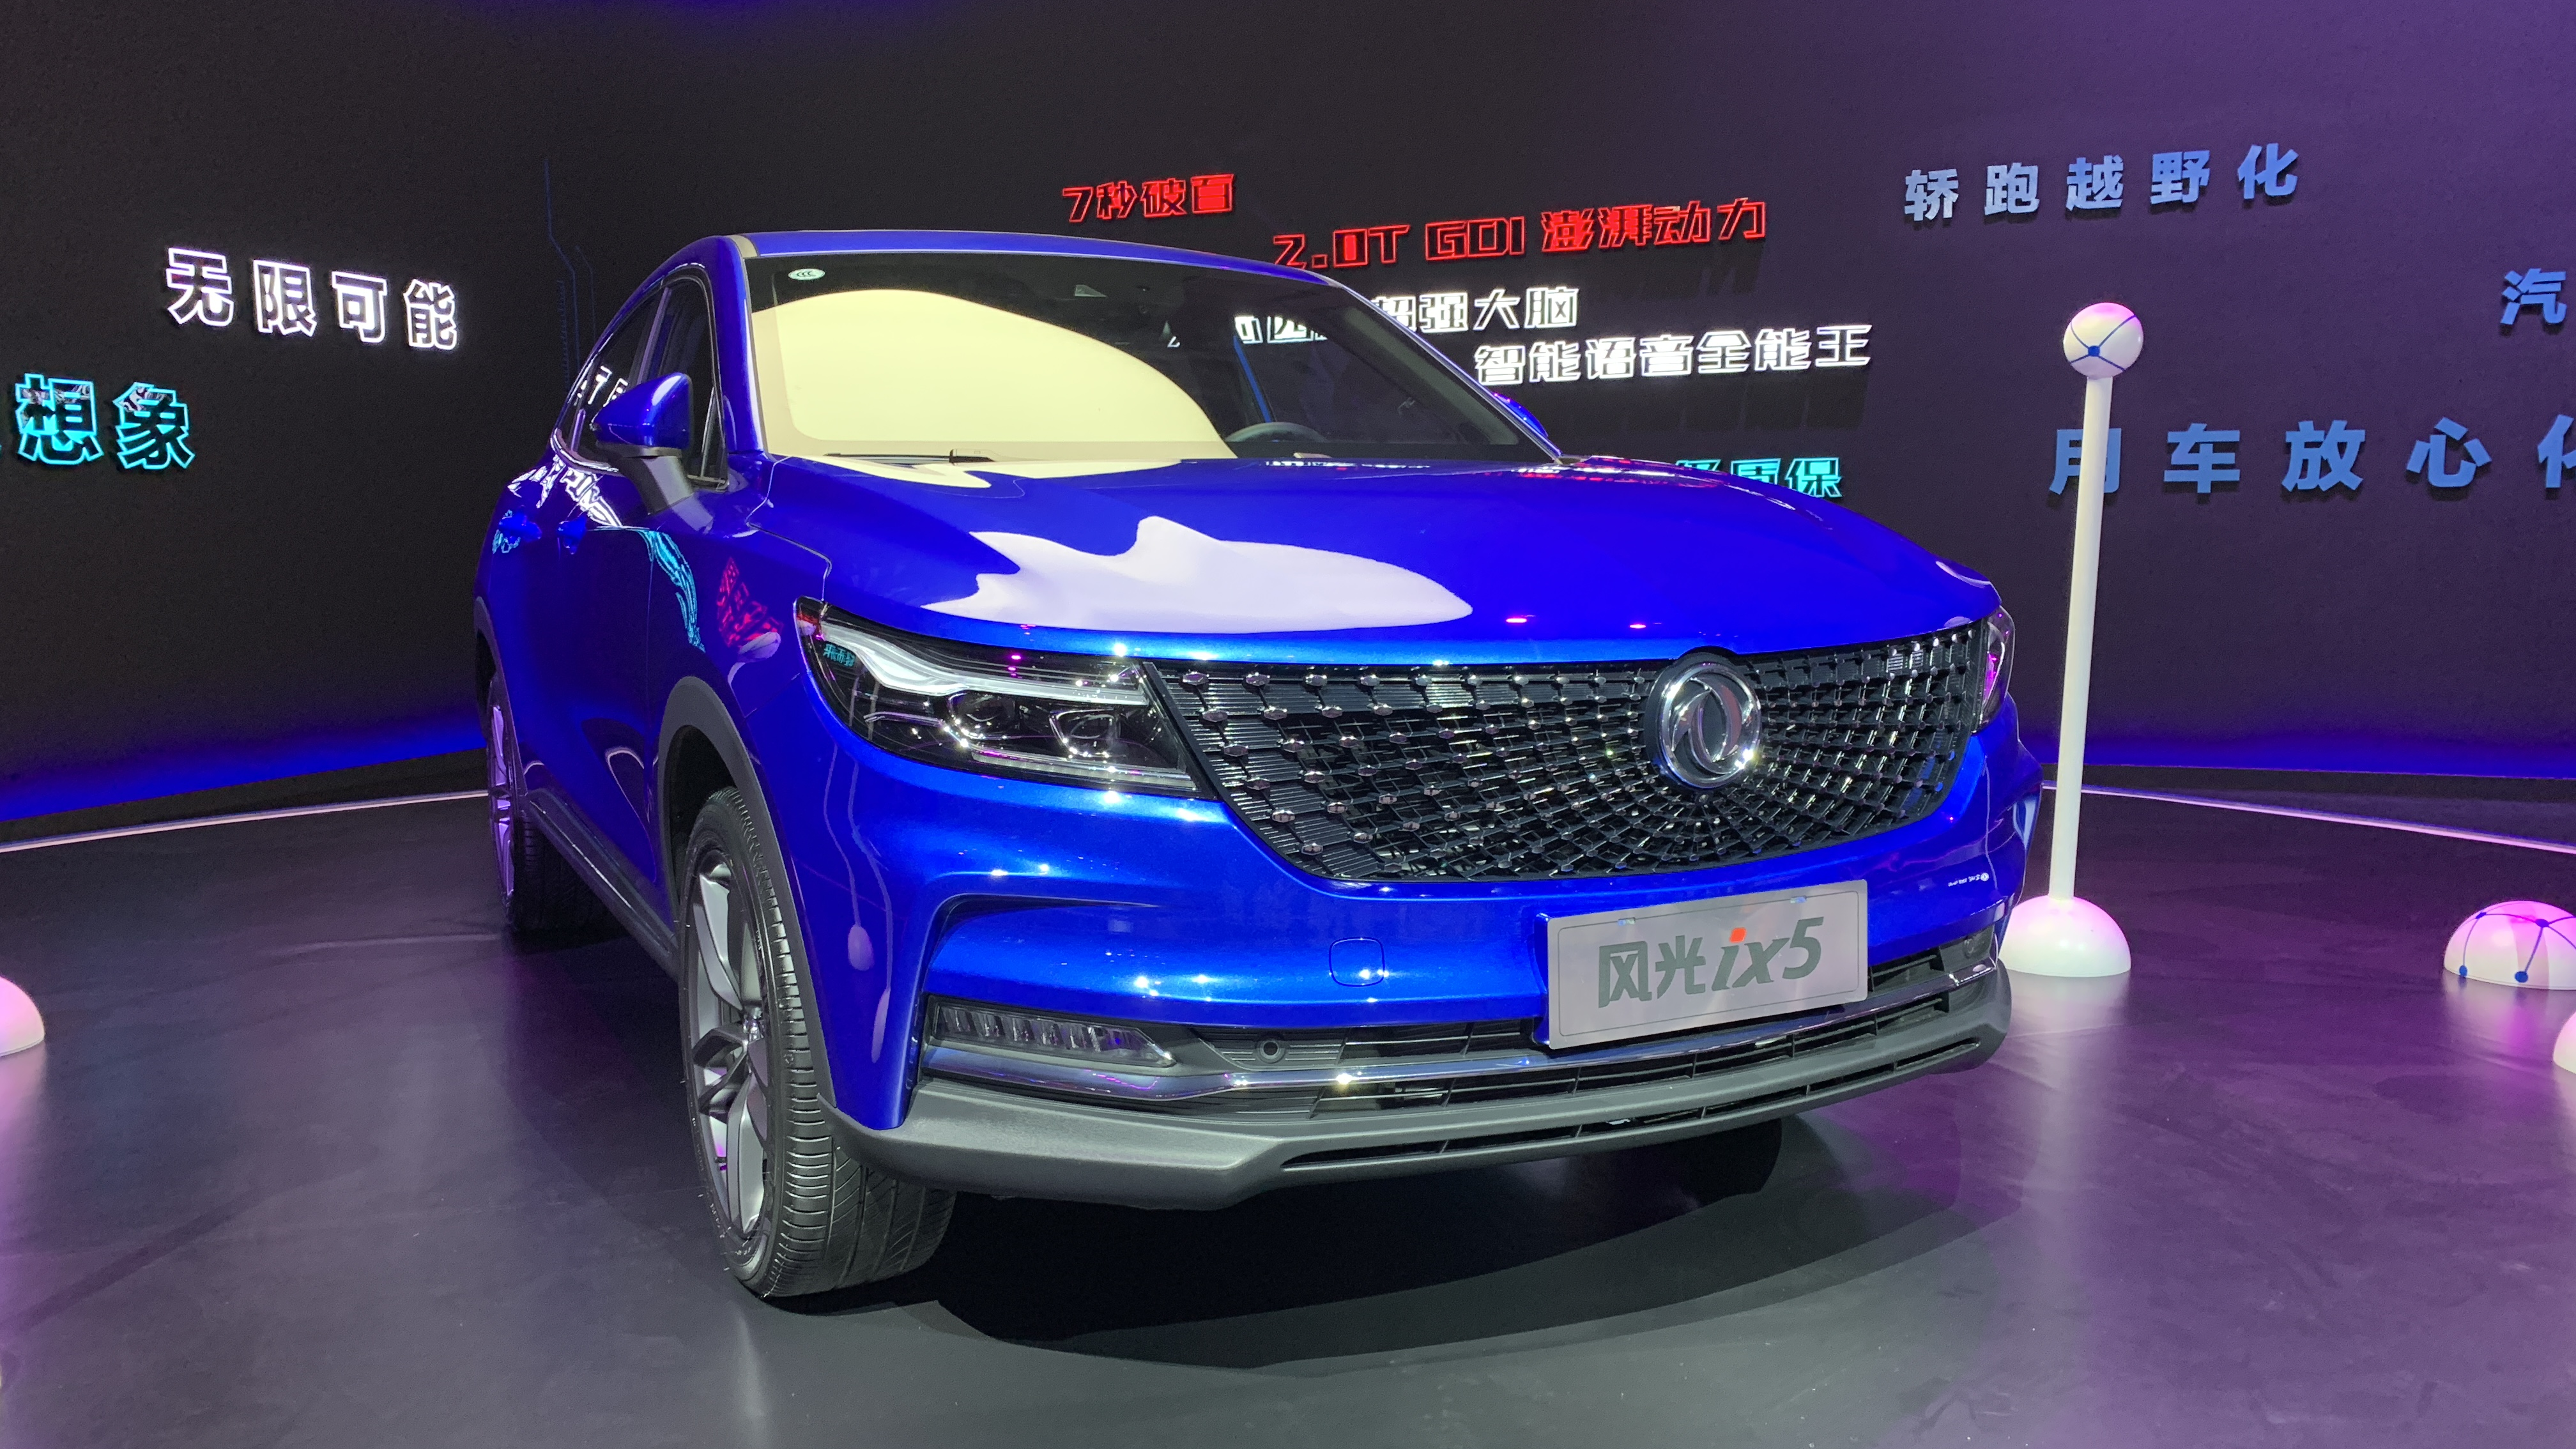 9.98万起售 轿跑造型 2.0T动力堪比宝马 东风风光ix5